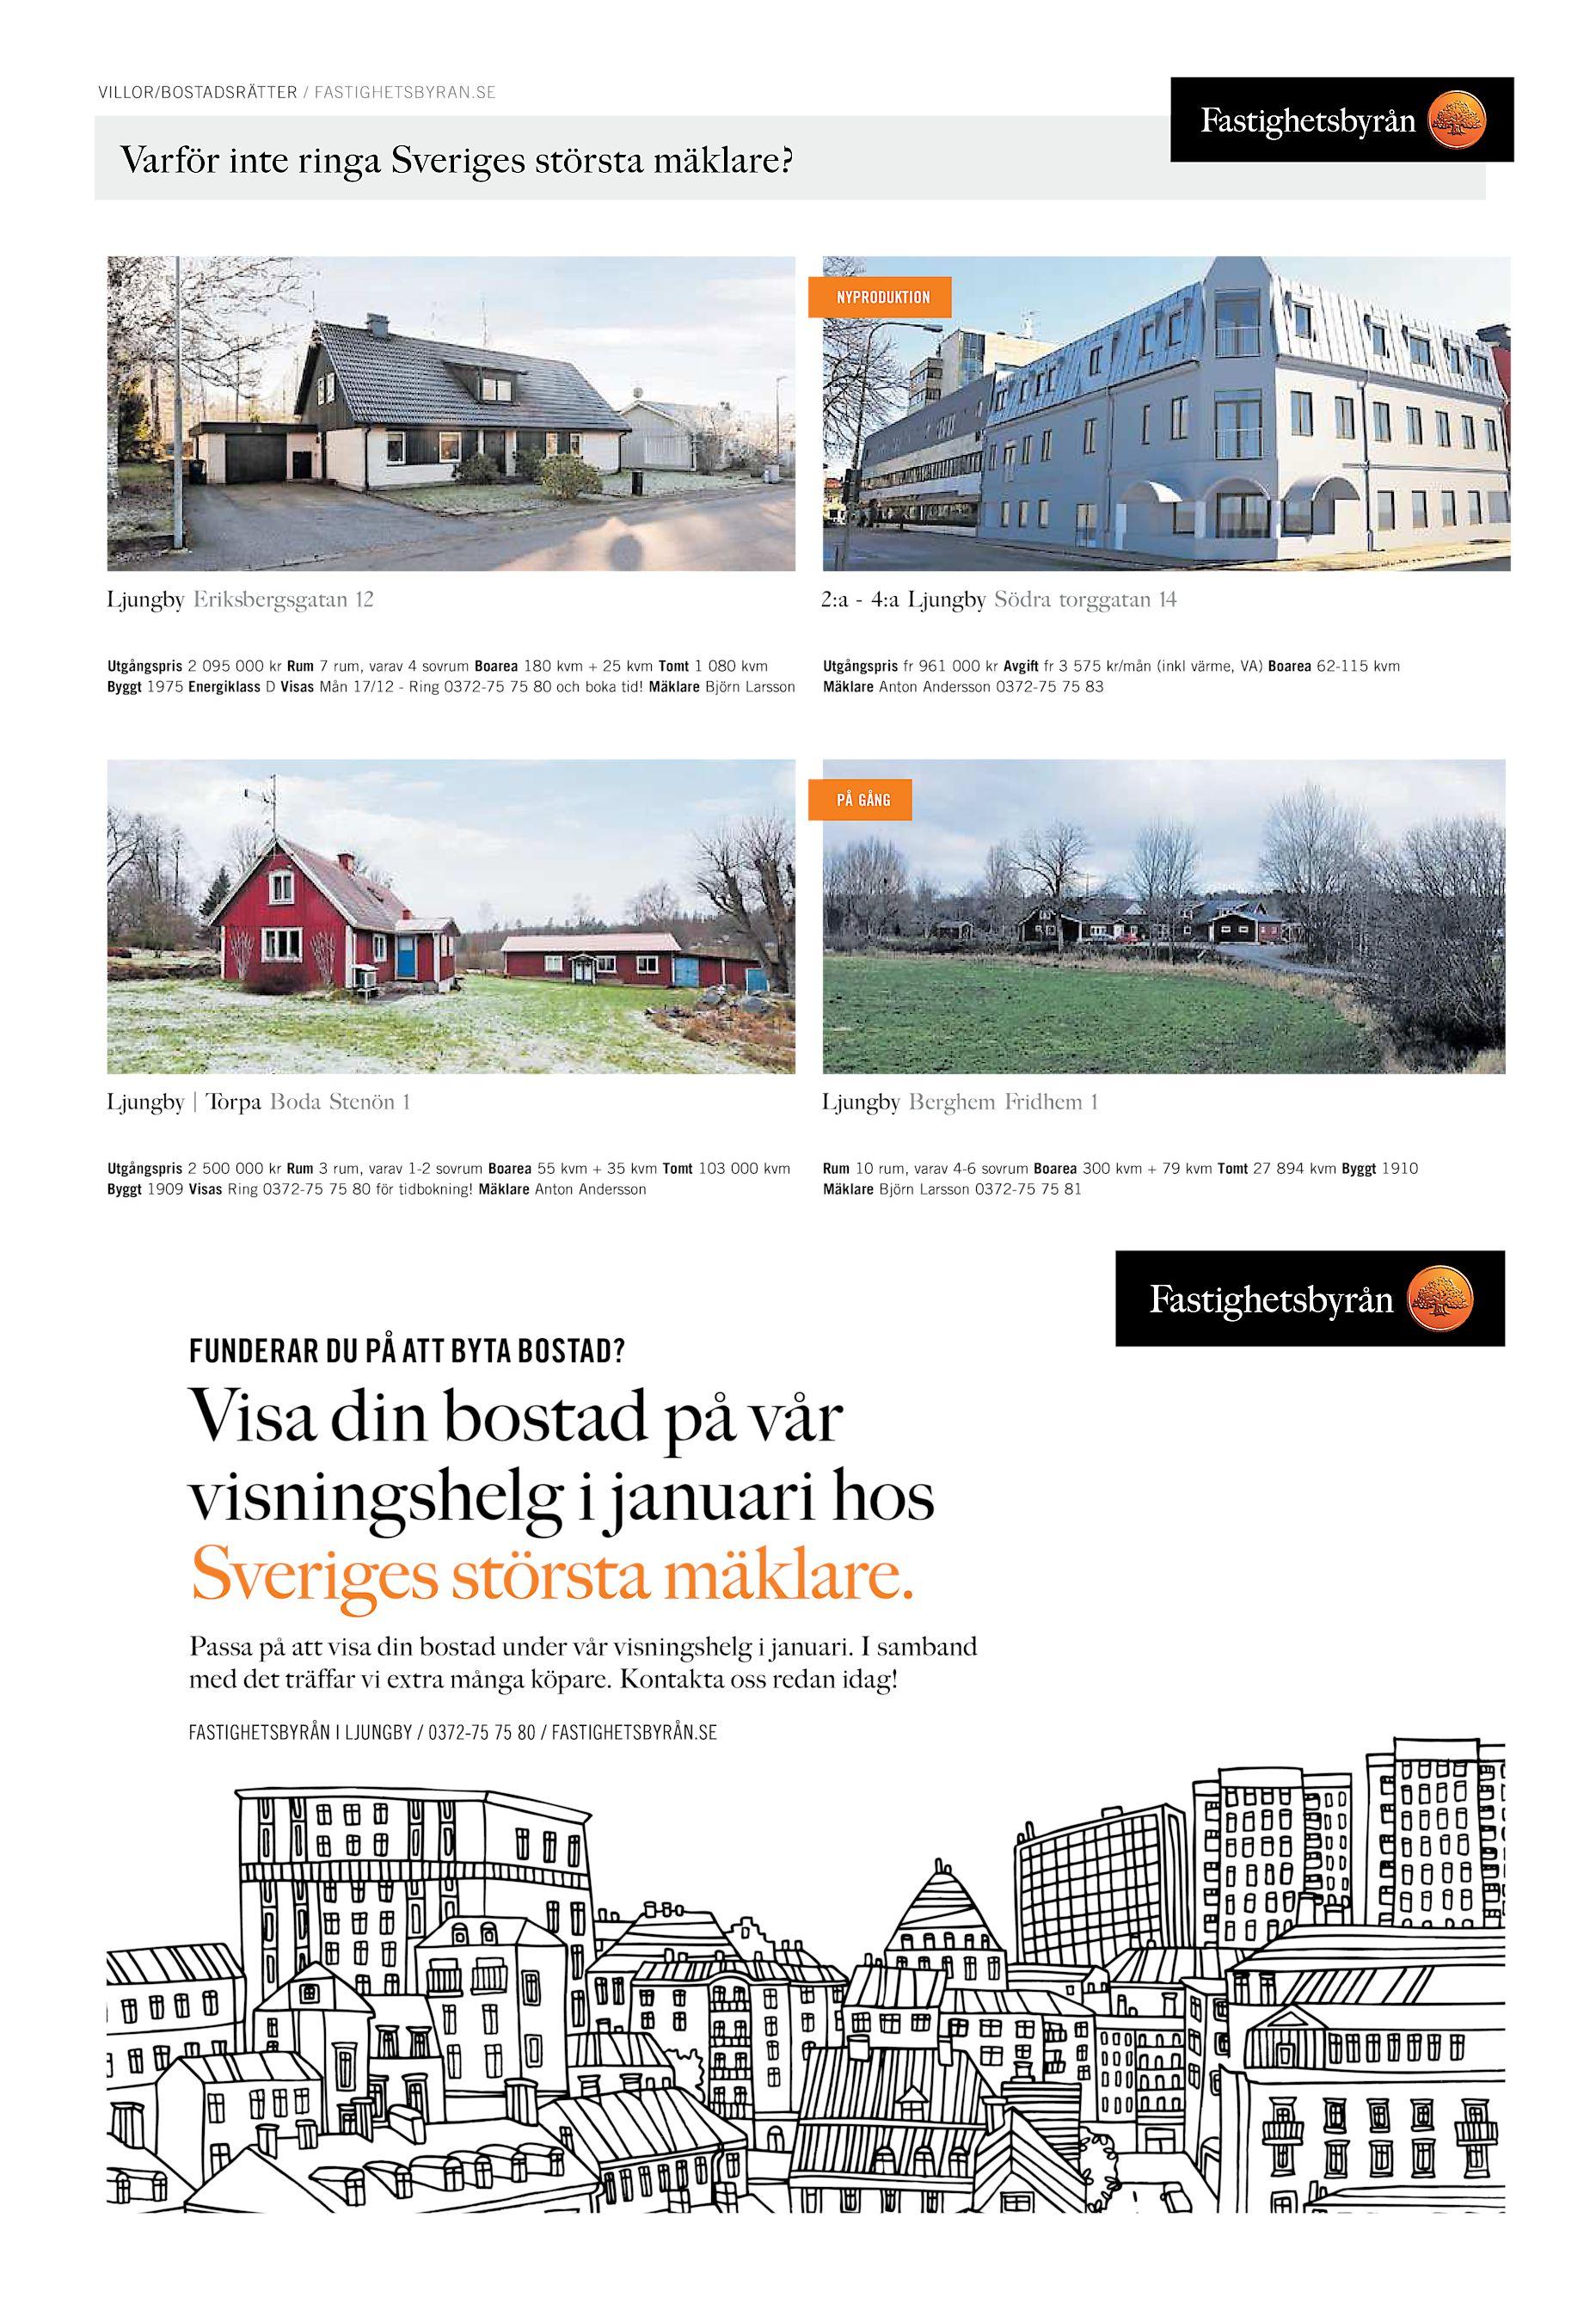 Hemtjnst - Ljungby kommun